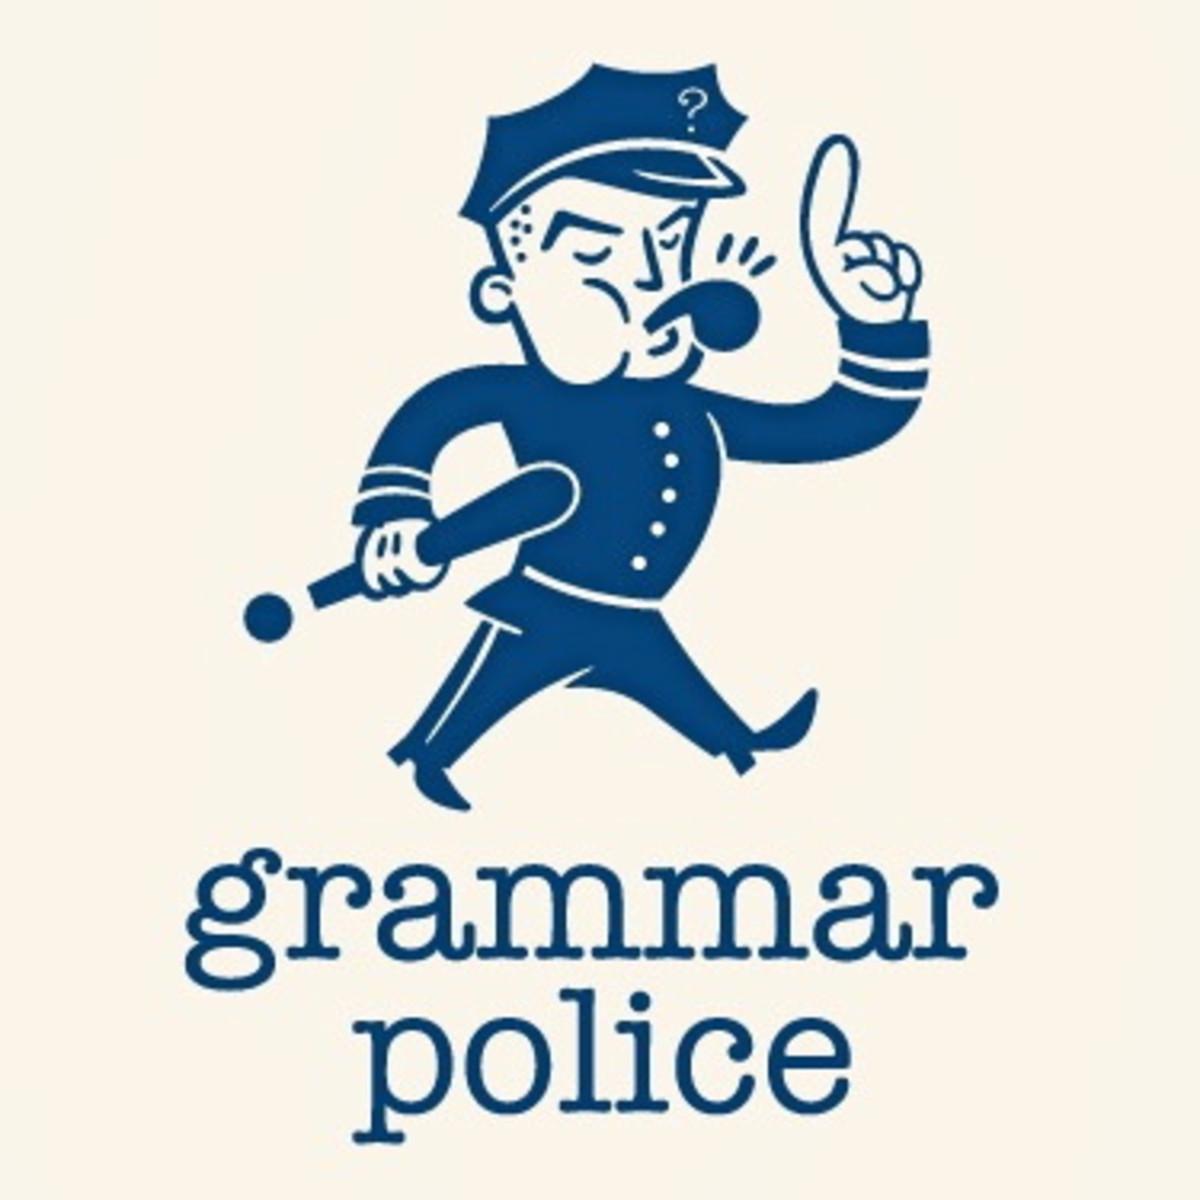 why-grammar-or-granma-why-grammar